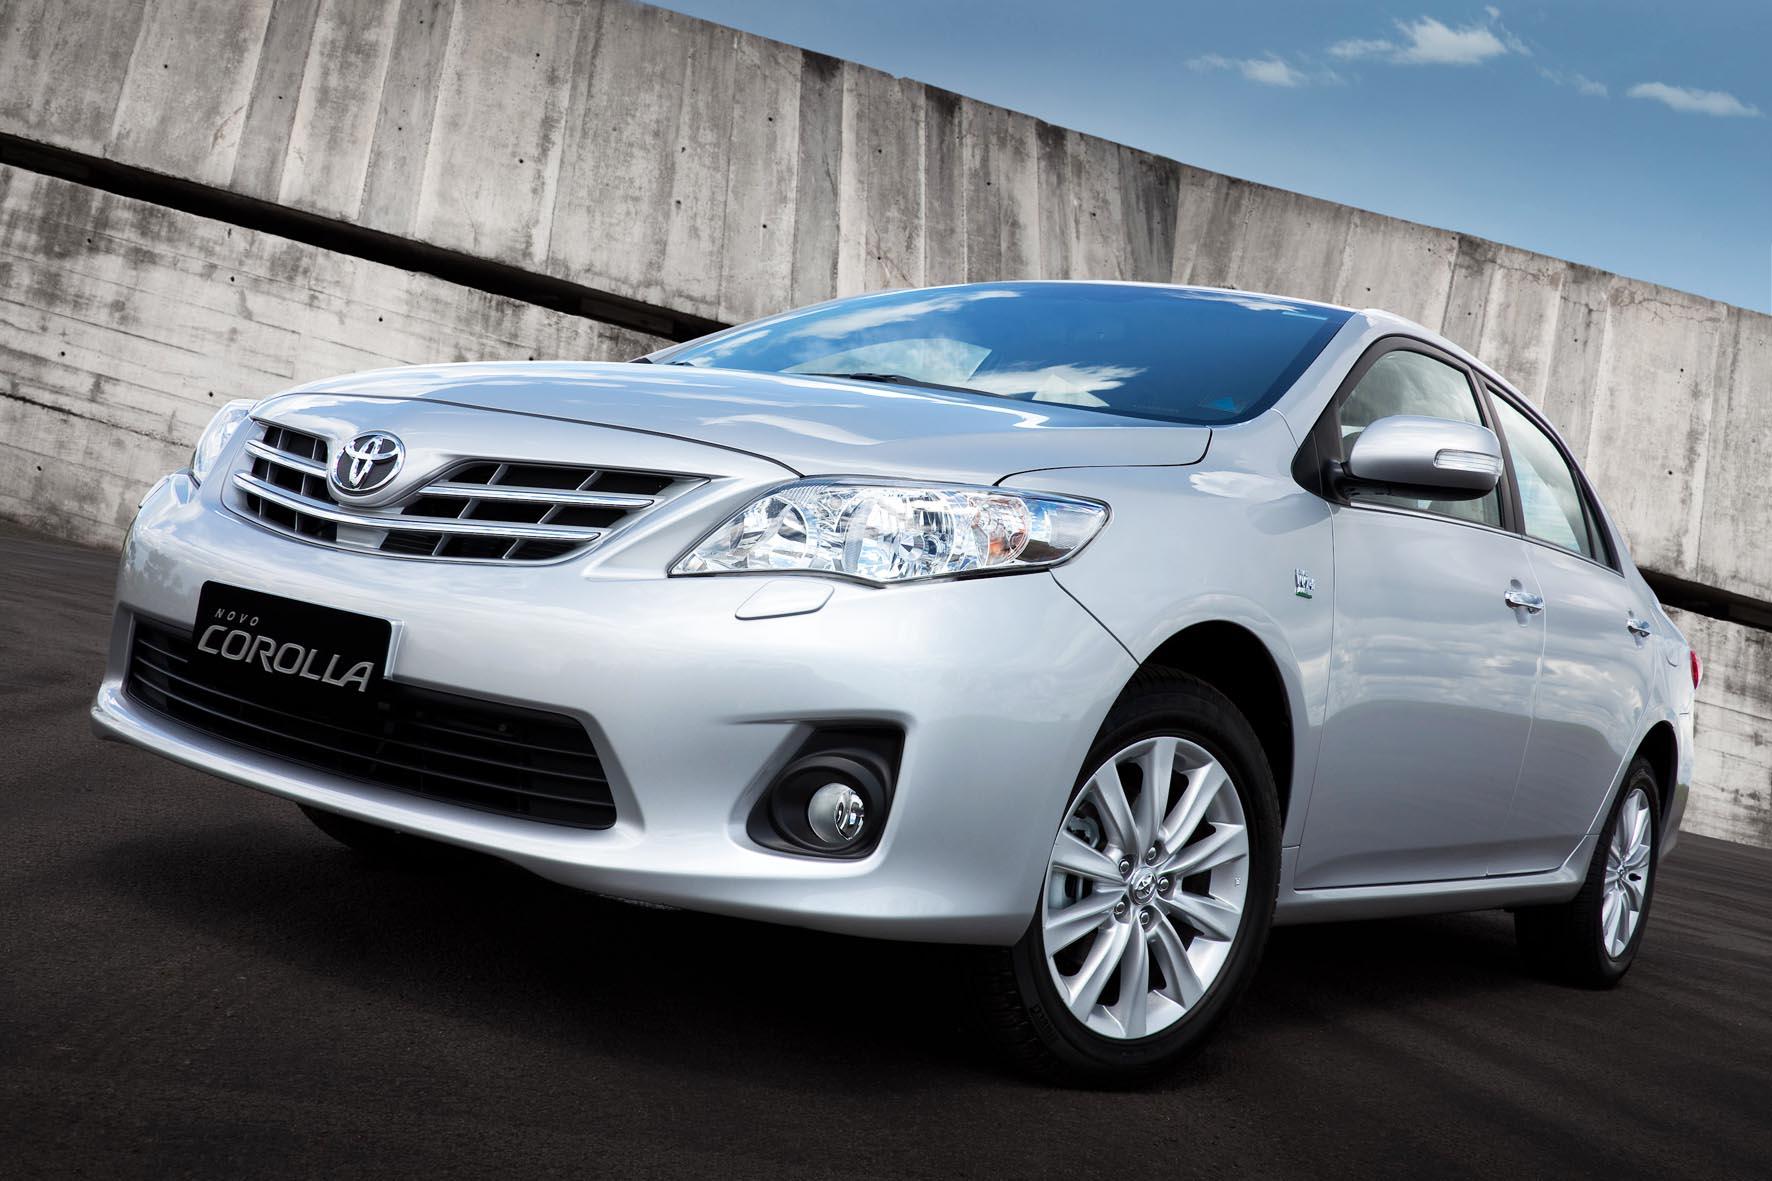 Corolla 2012 tem detalhes revelados; preços partem de R$ 63.570